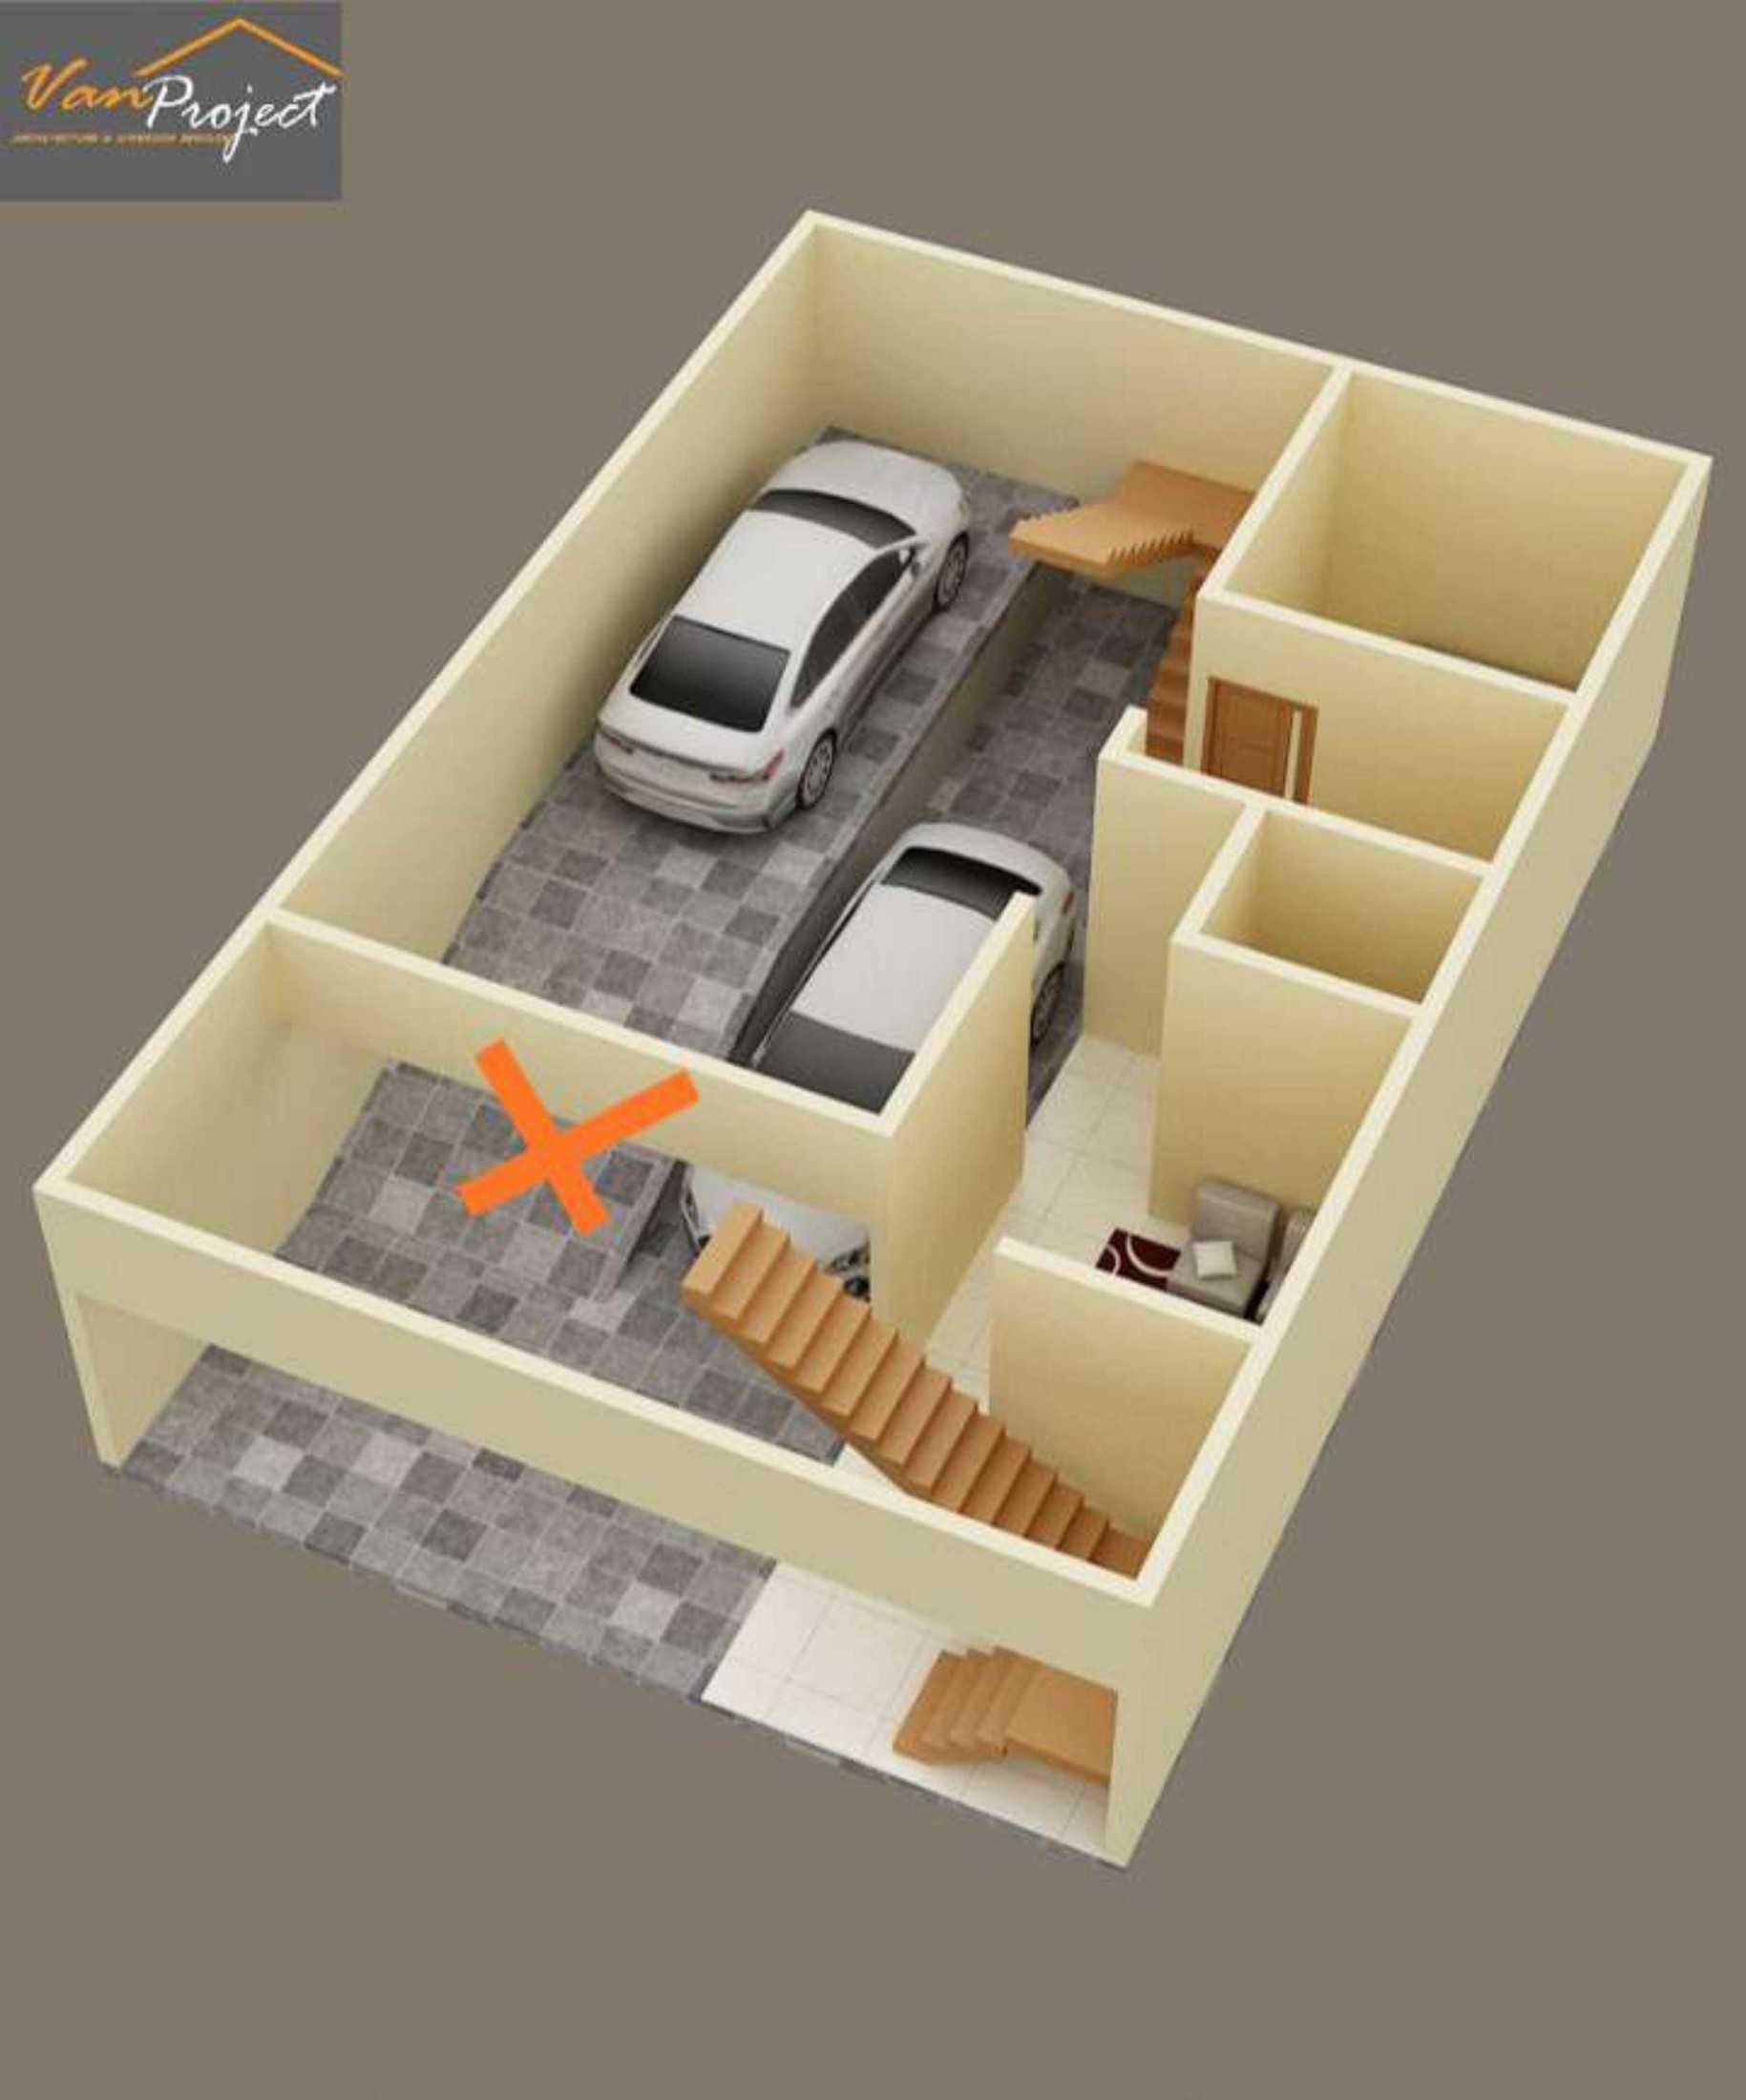 Vanproject 3D Design And Build Bekasi, Kota Bks, Jawa Barat, Indonesia Bekasi, Kota Bks, Jawa Barat, Indonesia Vanproject-3D-Design-And-Build  128491